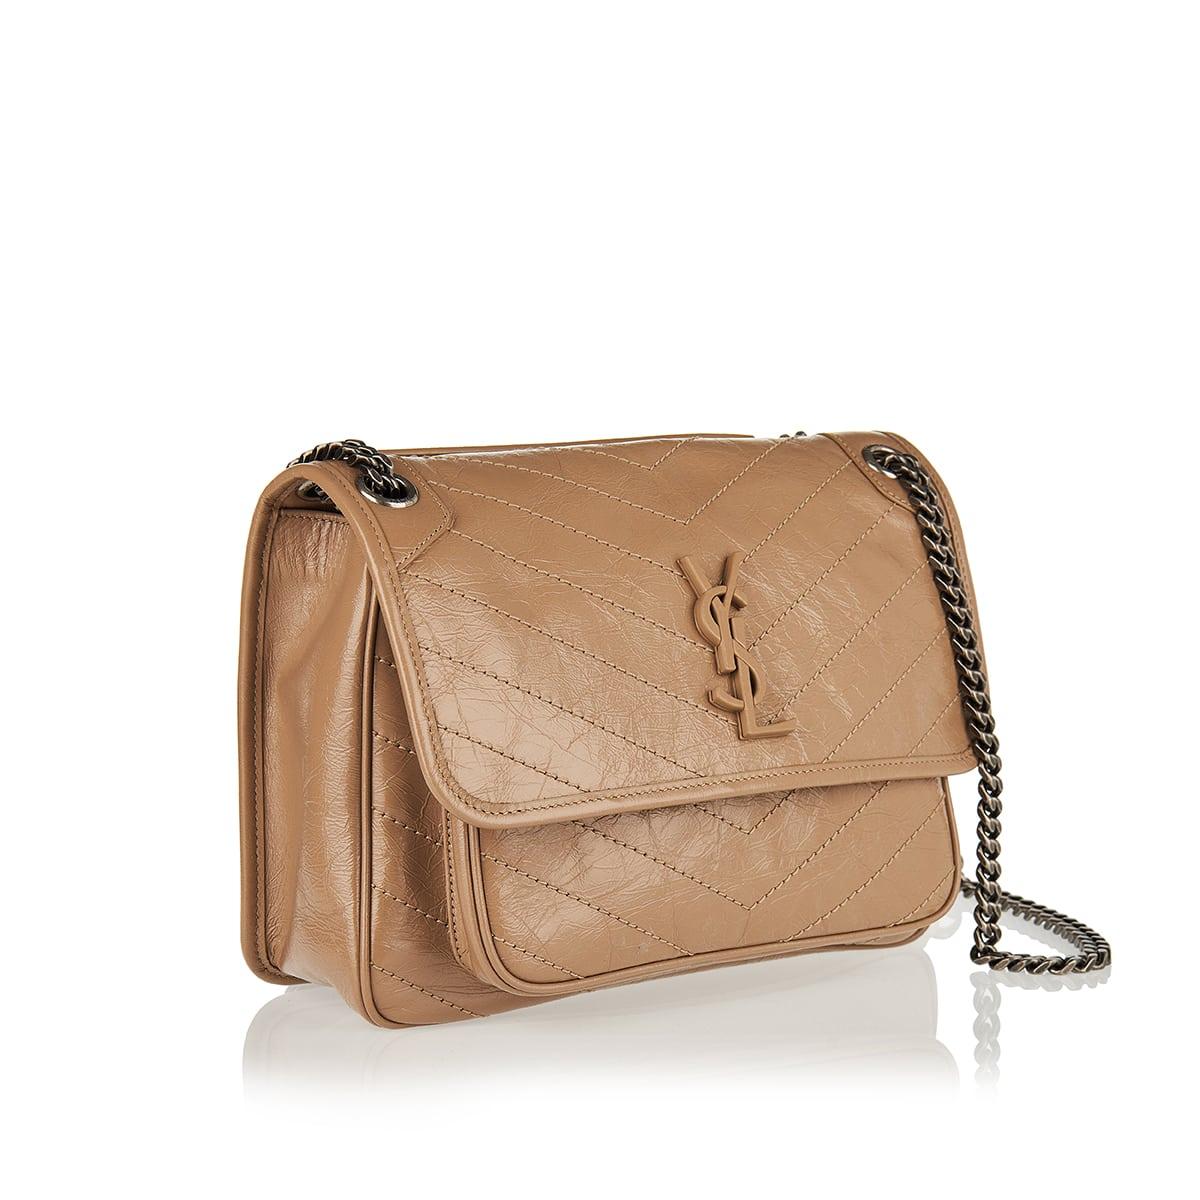 Niki medium leather shoulder bag